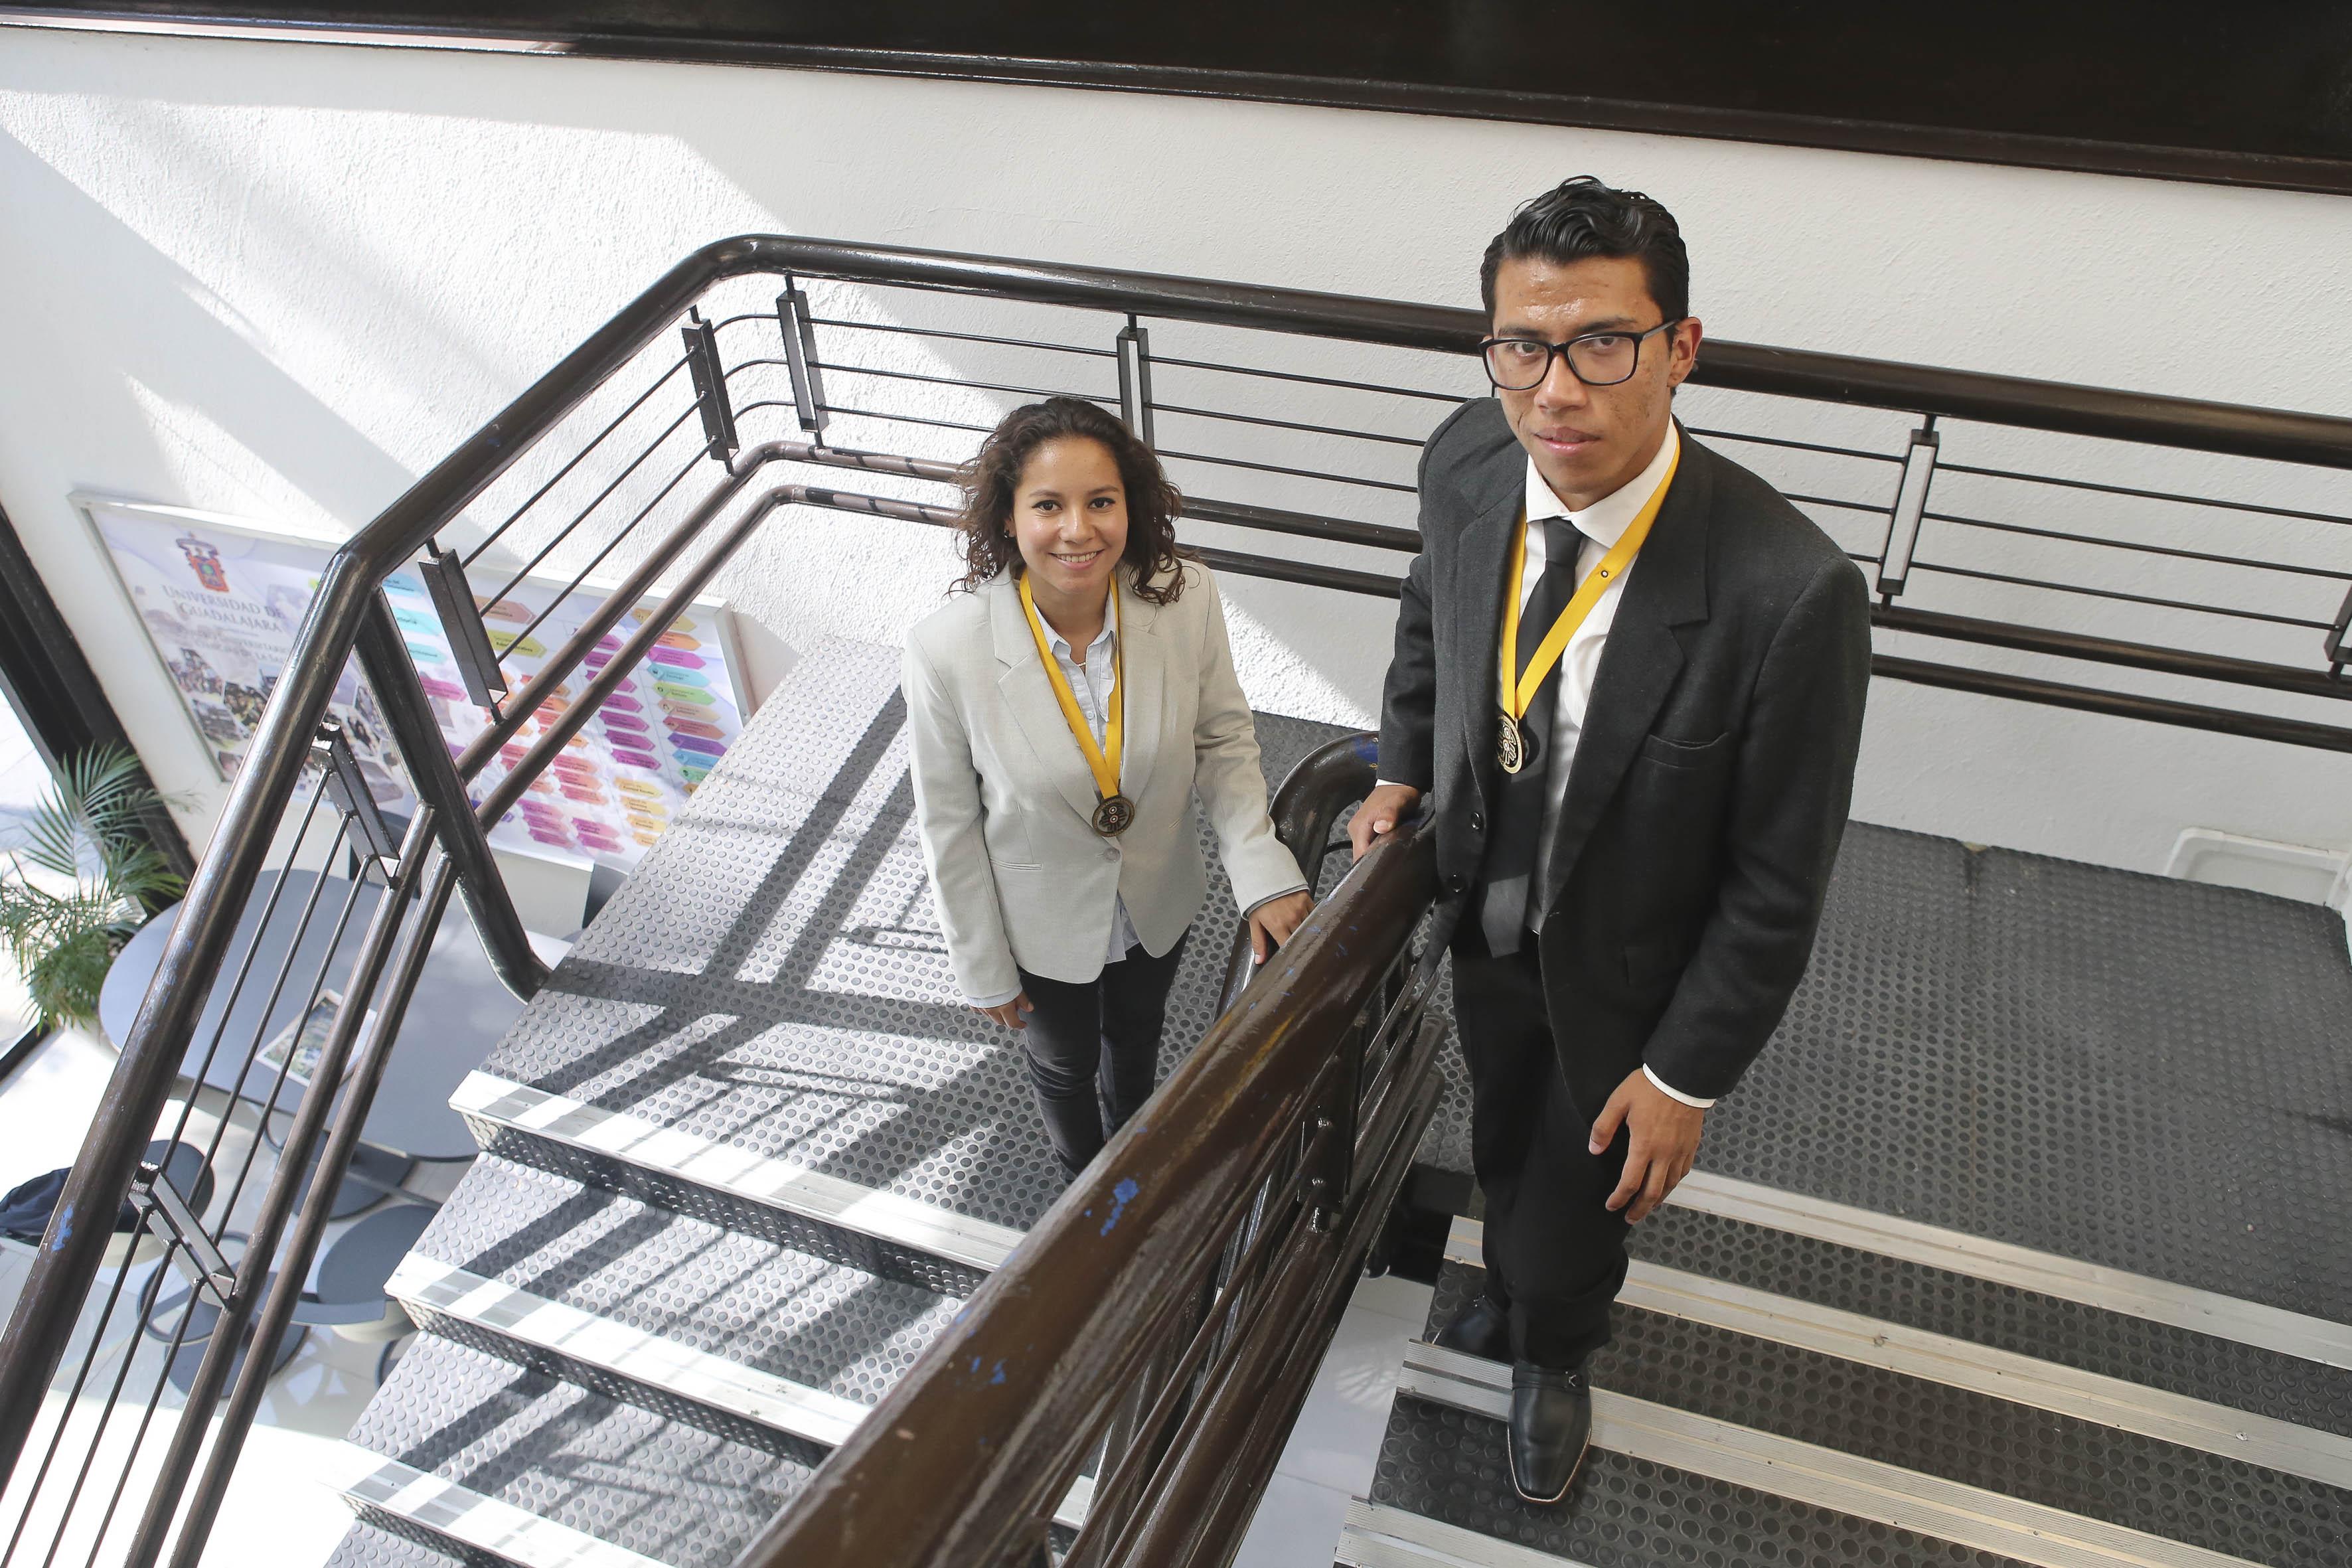 Alumnos ganadores posando en las escaleras de Rectoría mirando hacia arriba